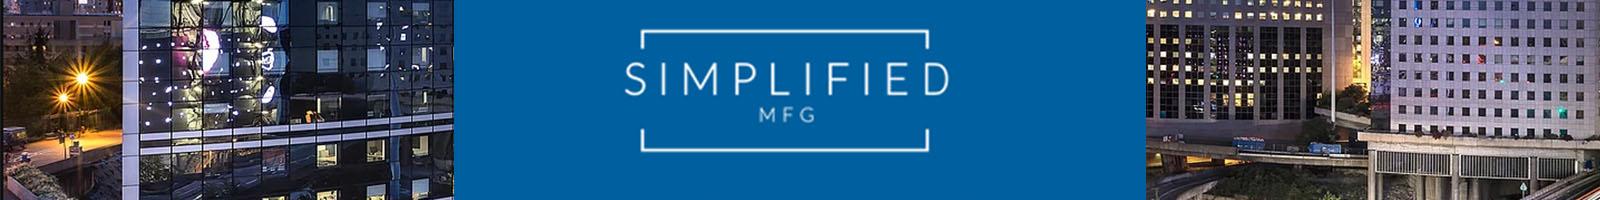 simplified-mfg-main.jpg